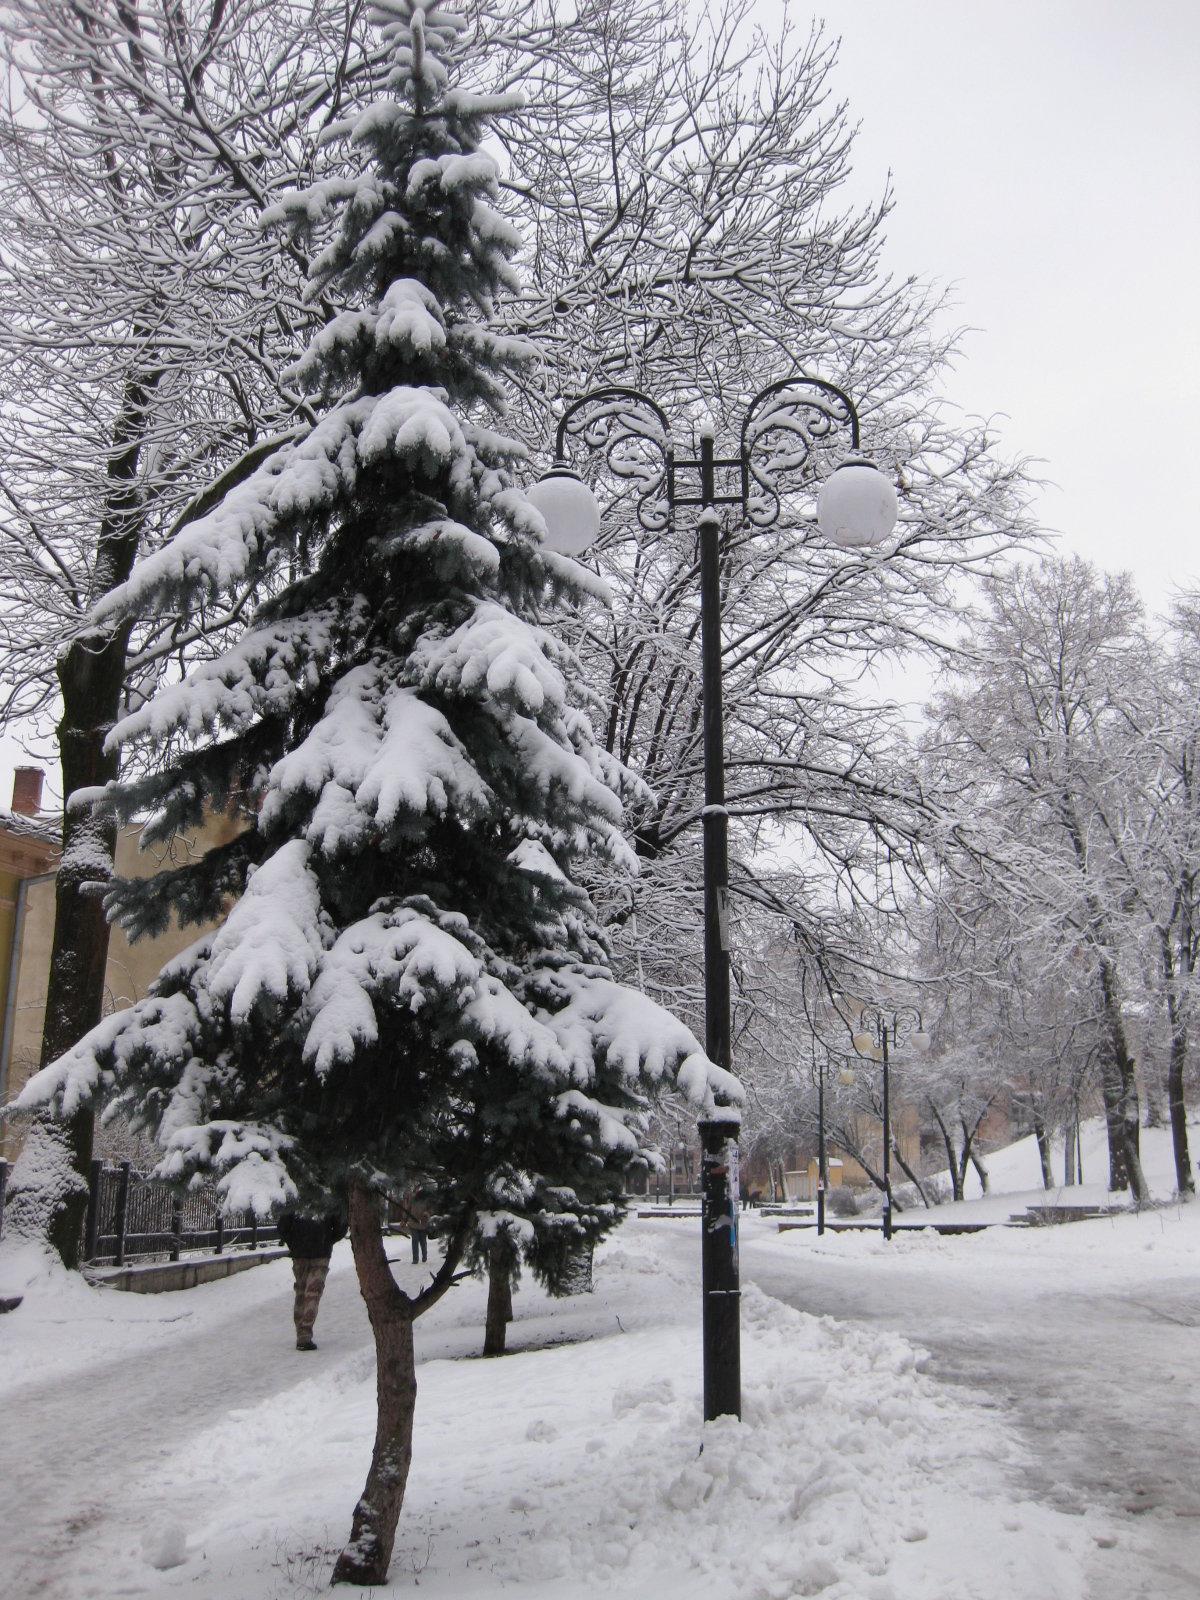 Картинка с елками на улице в снегу